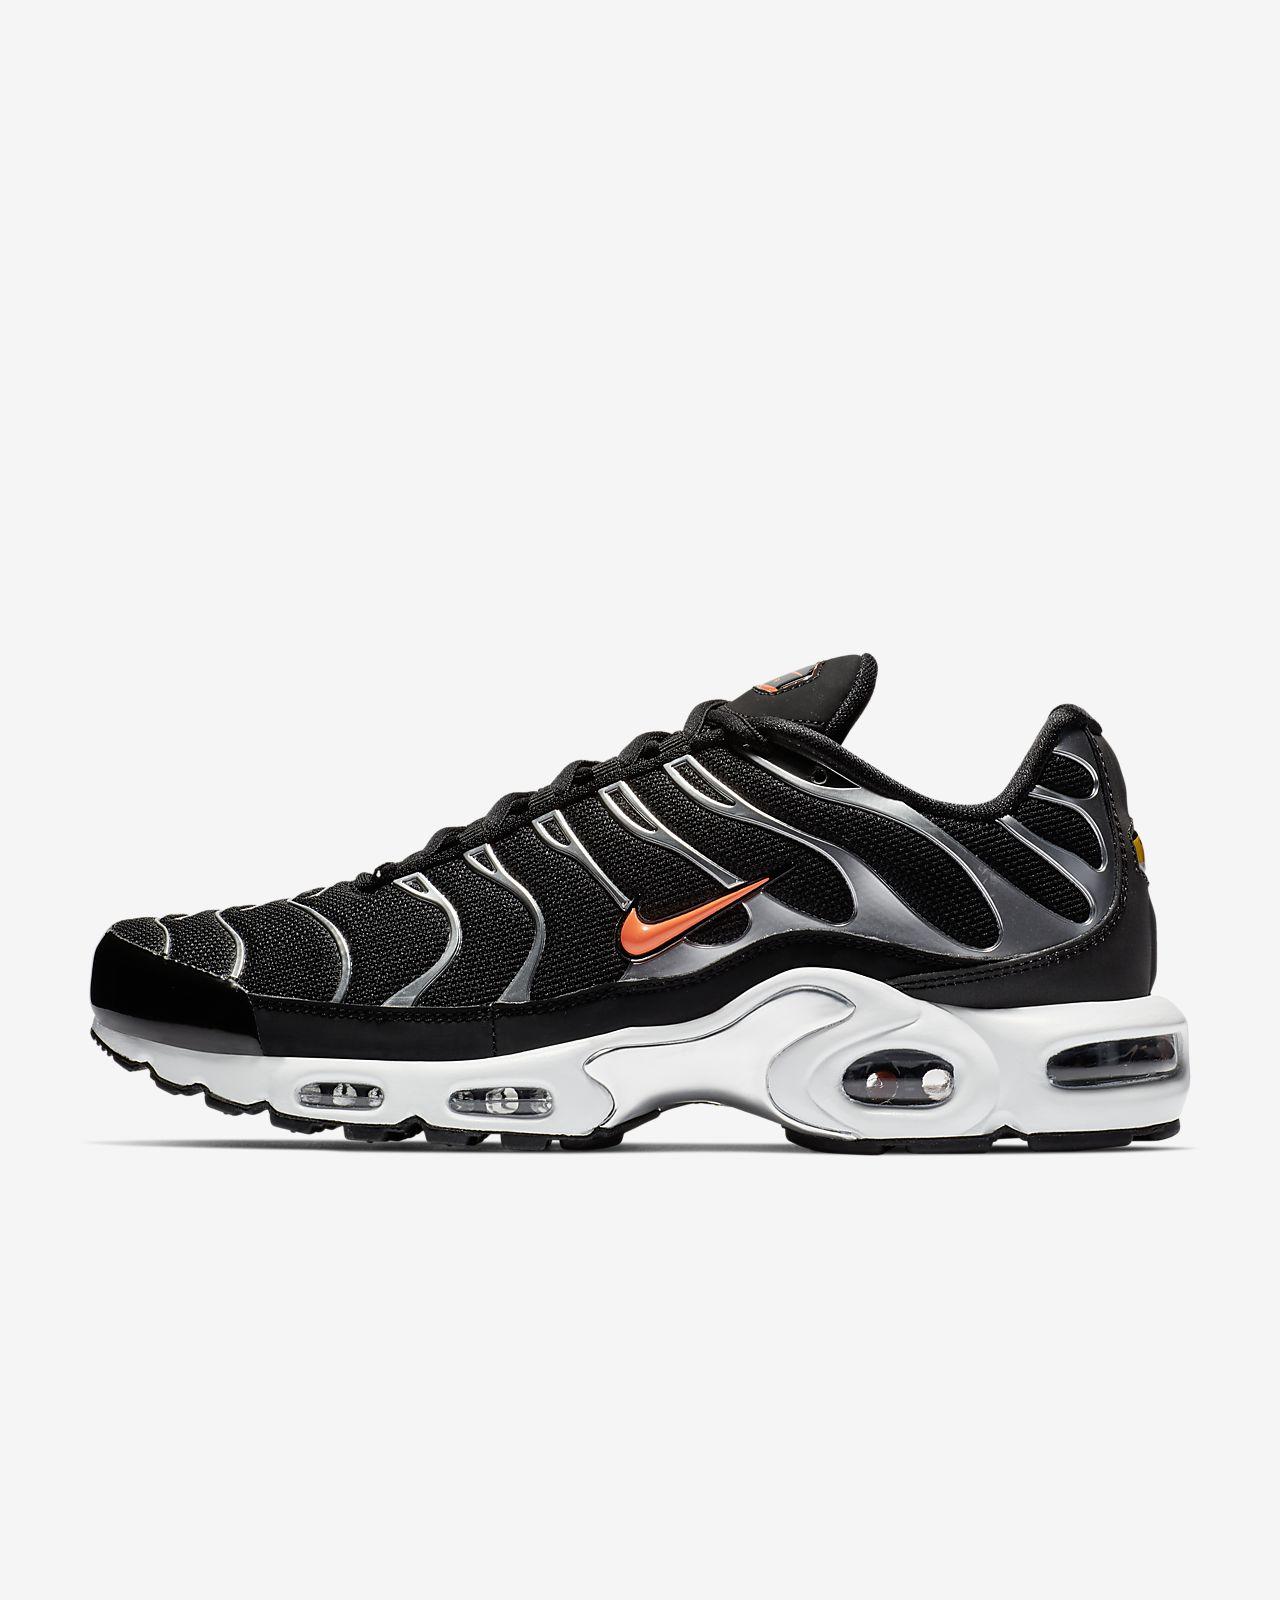 Nike Air Max Plus TN SE Zapatillas - Hombre